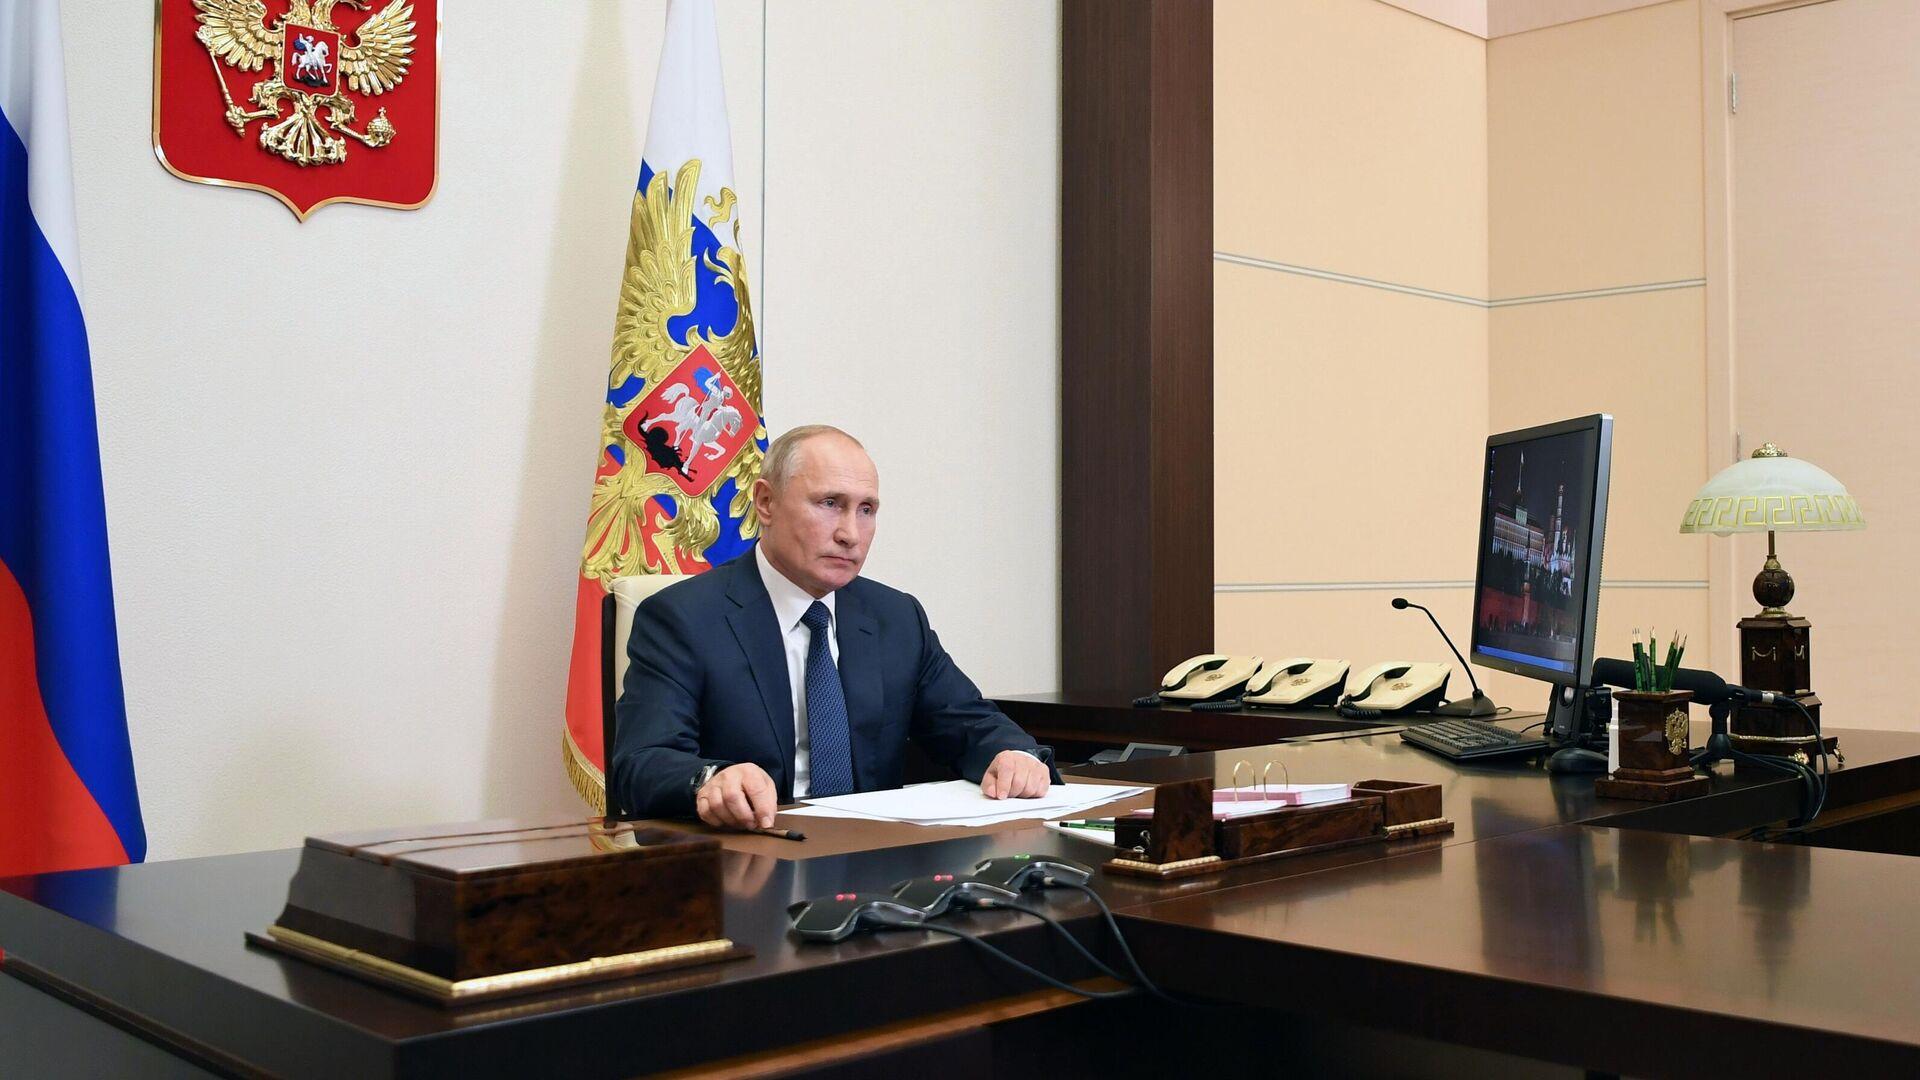 Заявление президента РФ В. Путина по поводу ситуции в Нагорном Карабахе - РИА Новости, 1920, 12.11.2020